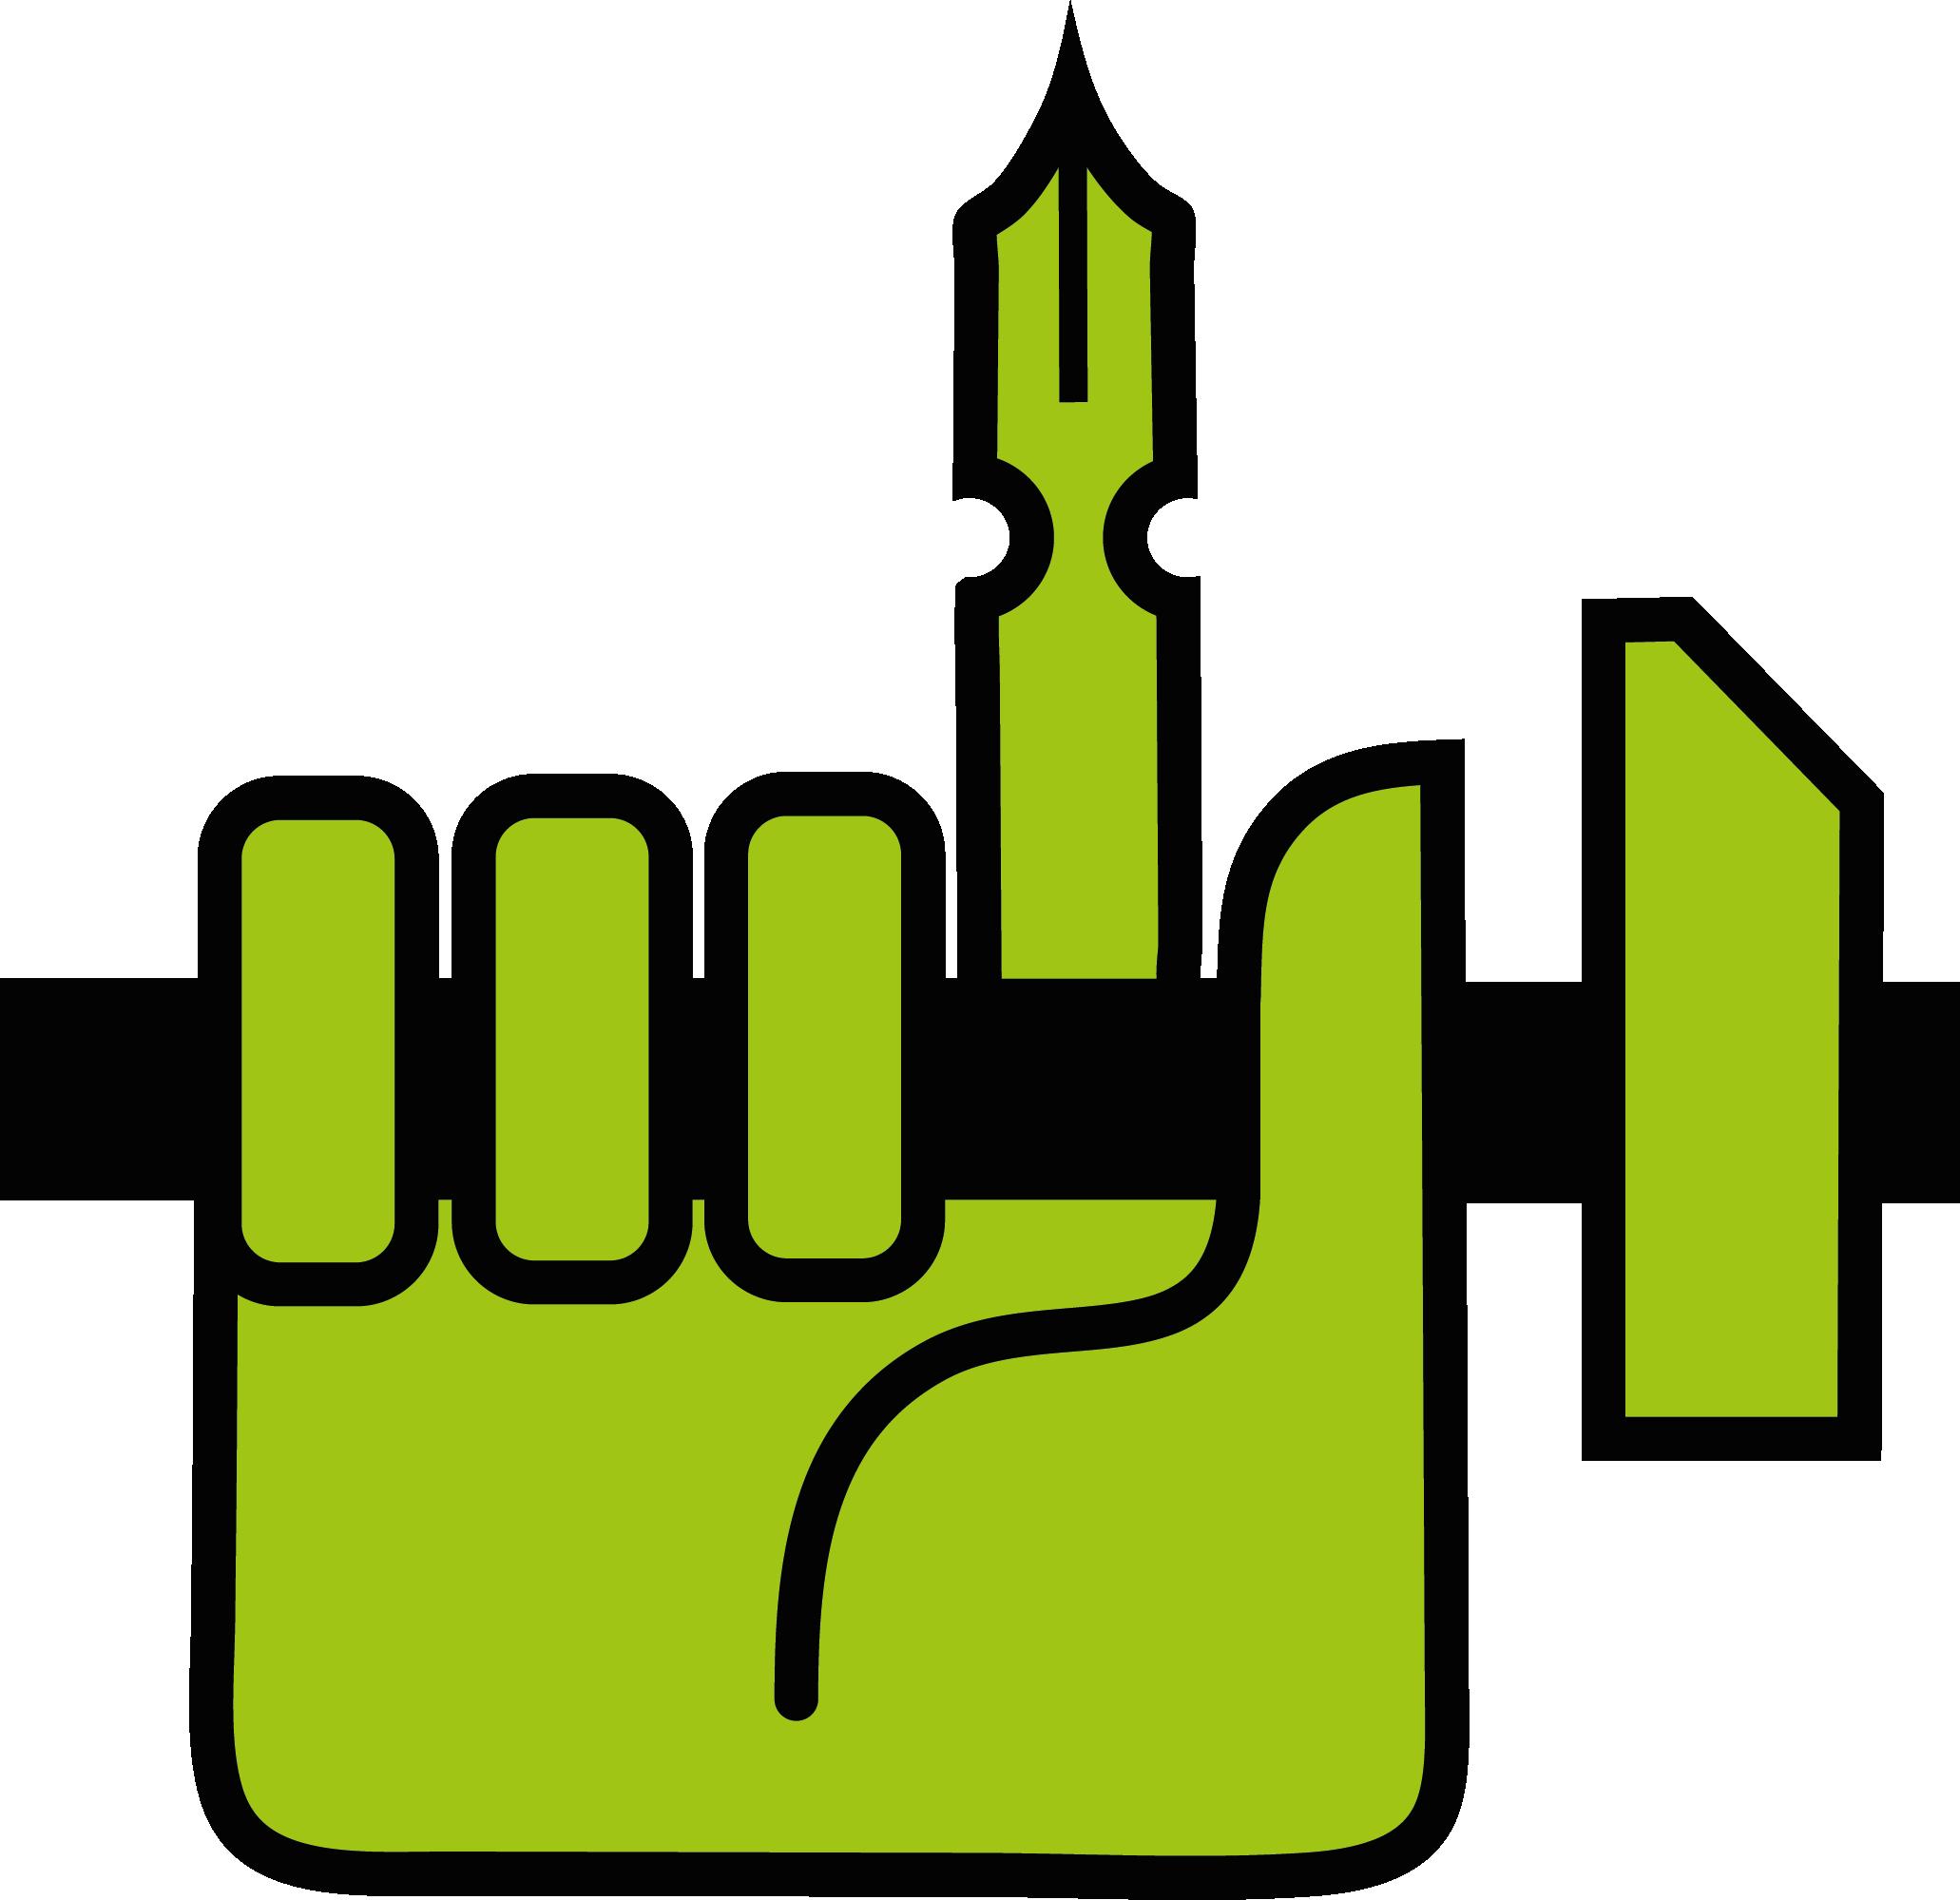 Logo der Hangkgeschmedden